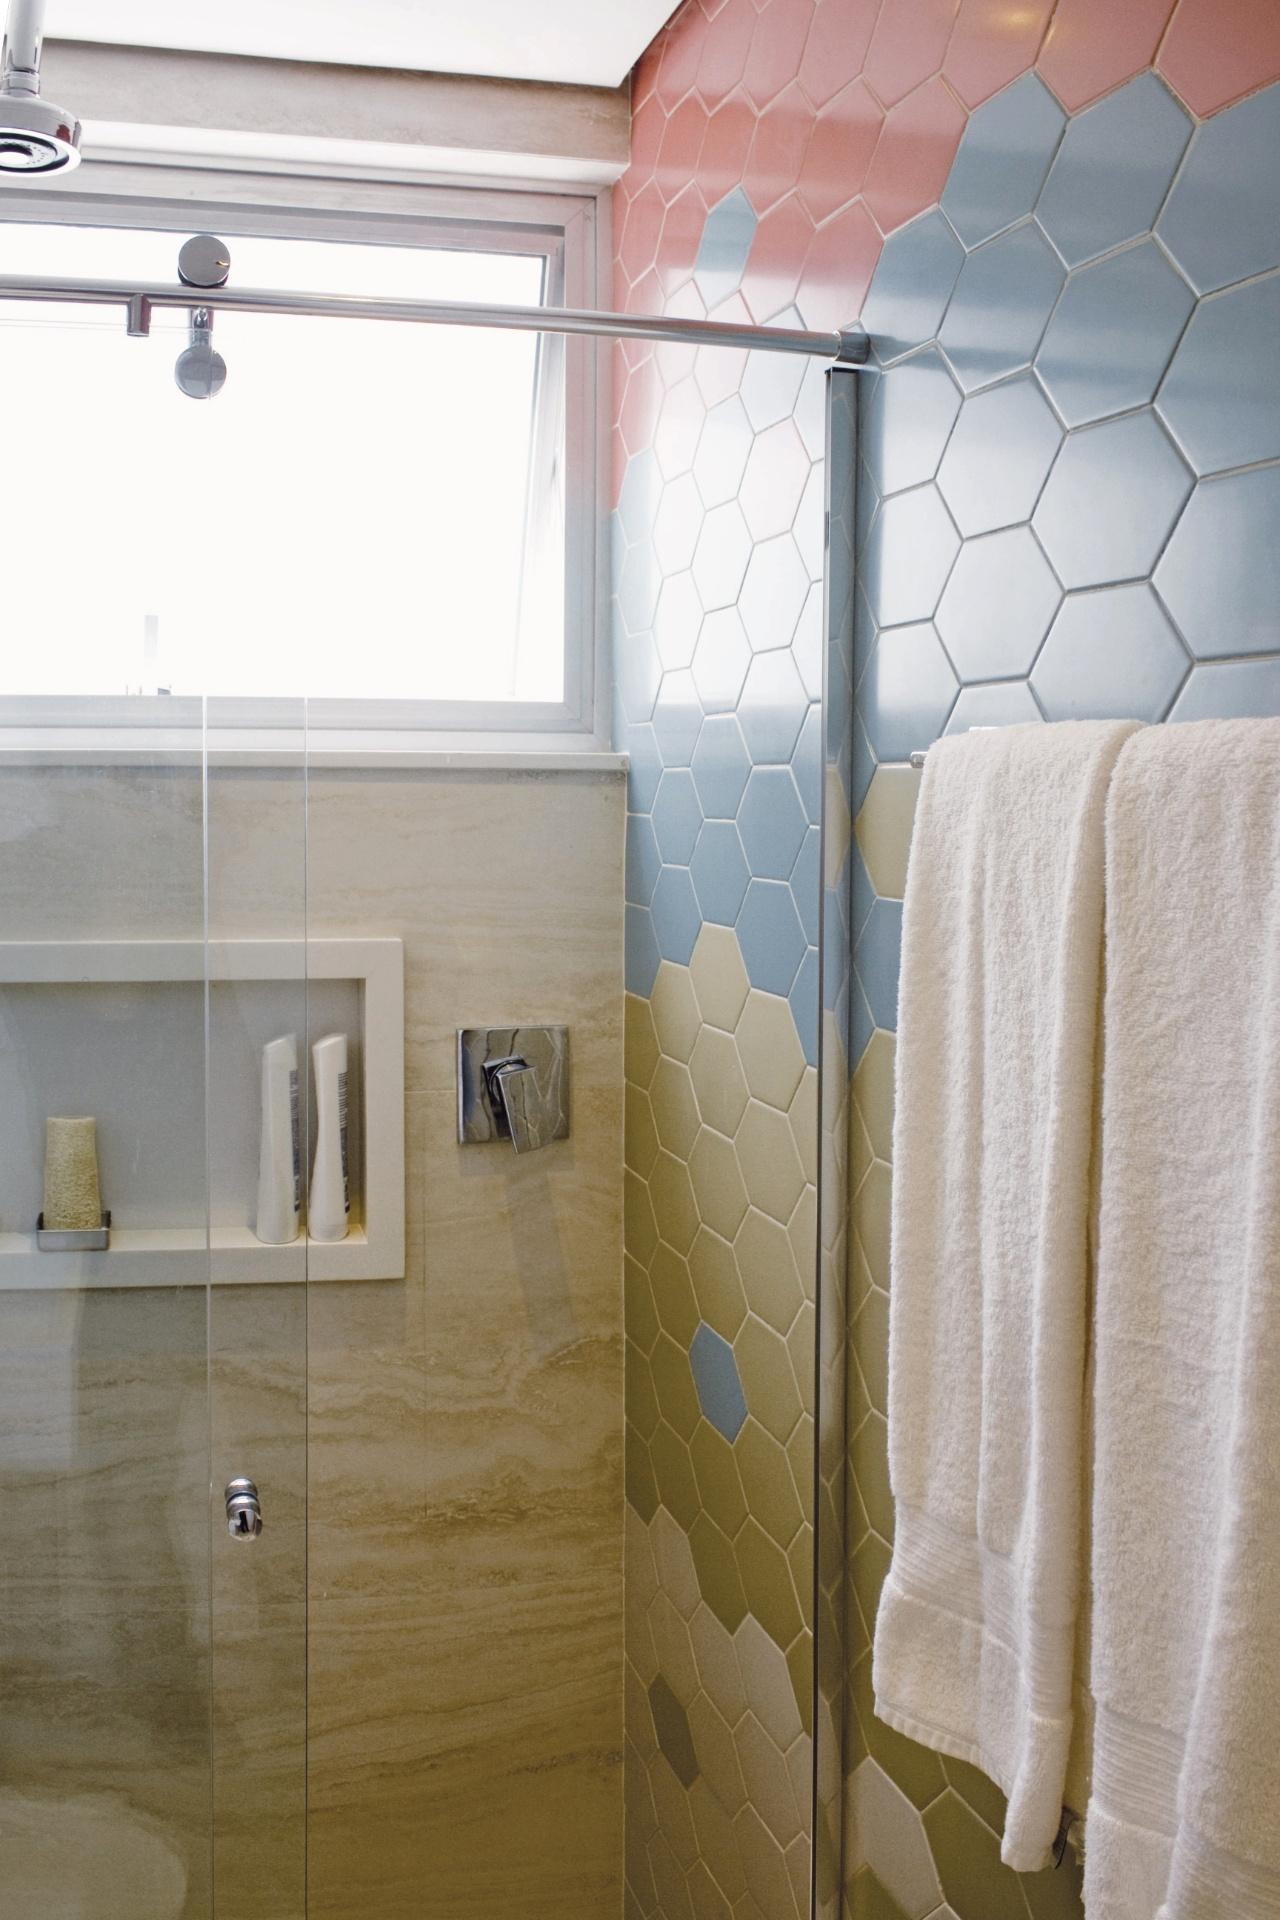 No banheiro da suíte o chuveiro a gás foi instalado no teto. O  #635028 1280x1920 Banheiro Azulejo Ate O Teto